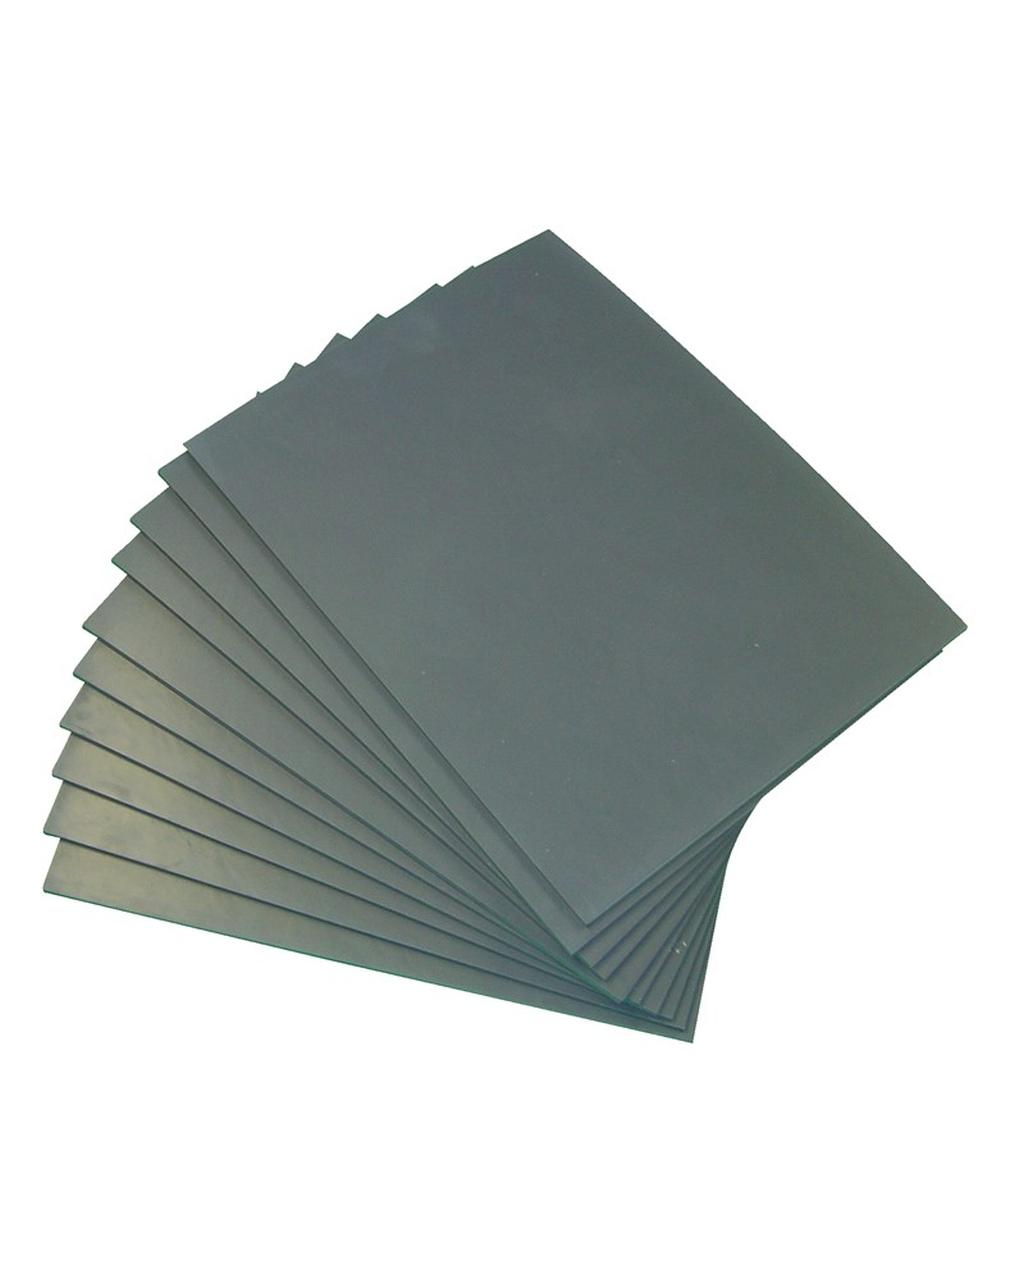 Soft Lino Sheets 20 x 15cm